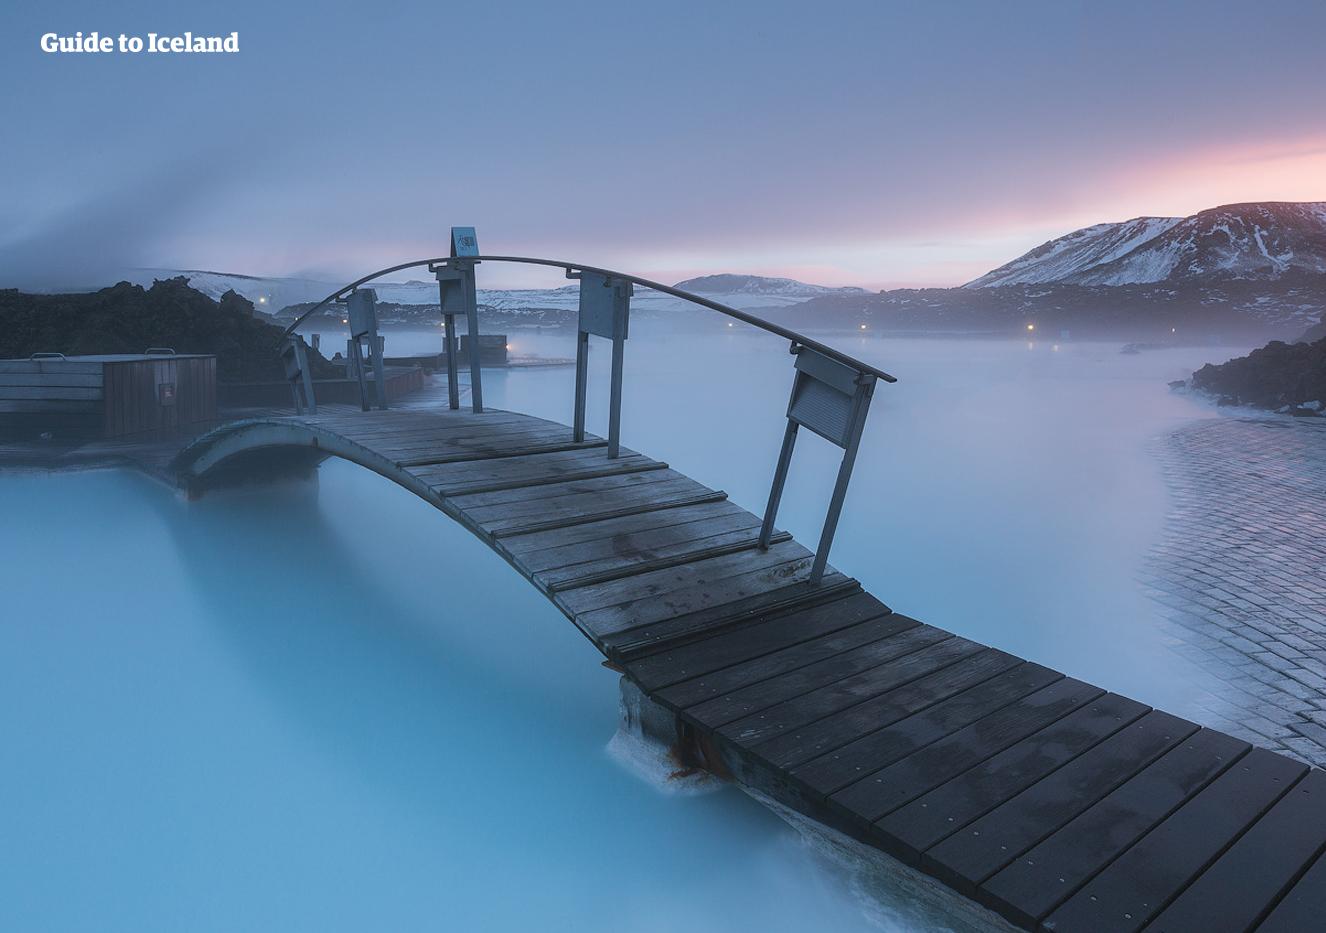 또 여행을 떠나기 전, 자연이 선사하는 블루라군 온천에서 에너지를 재충천하고 가세요!